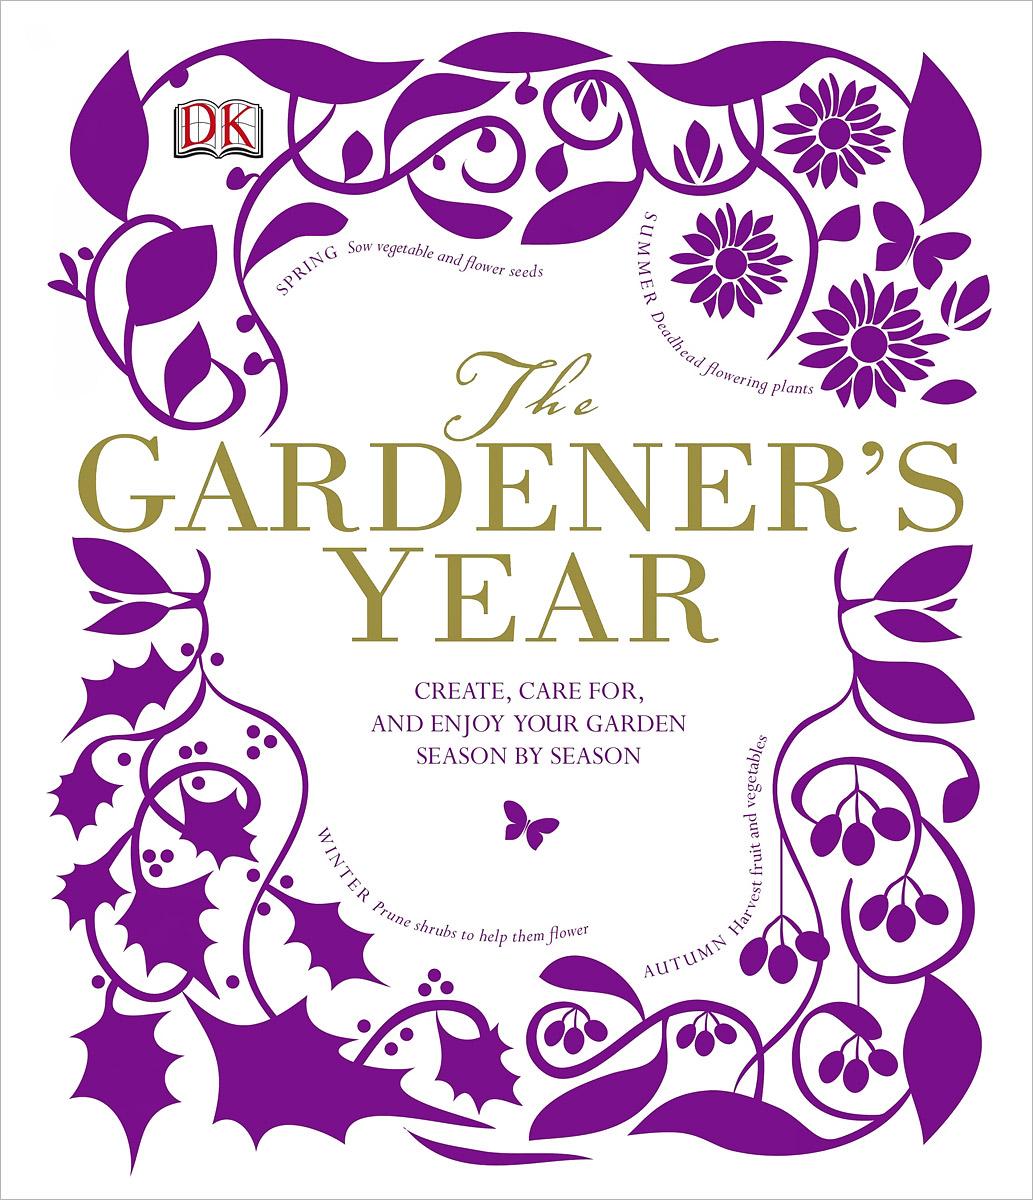 The Gardener's Year the kissing garden